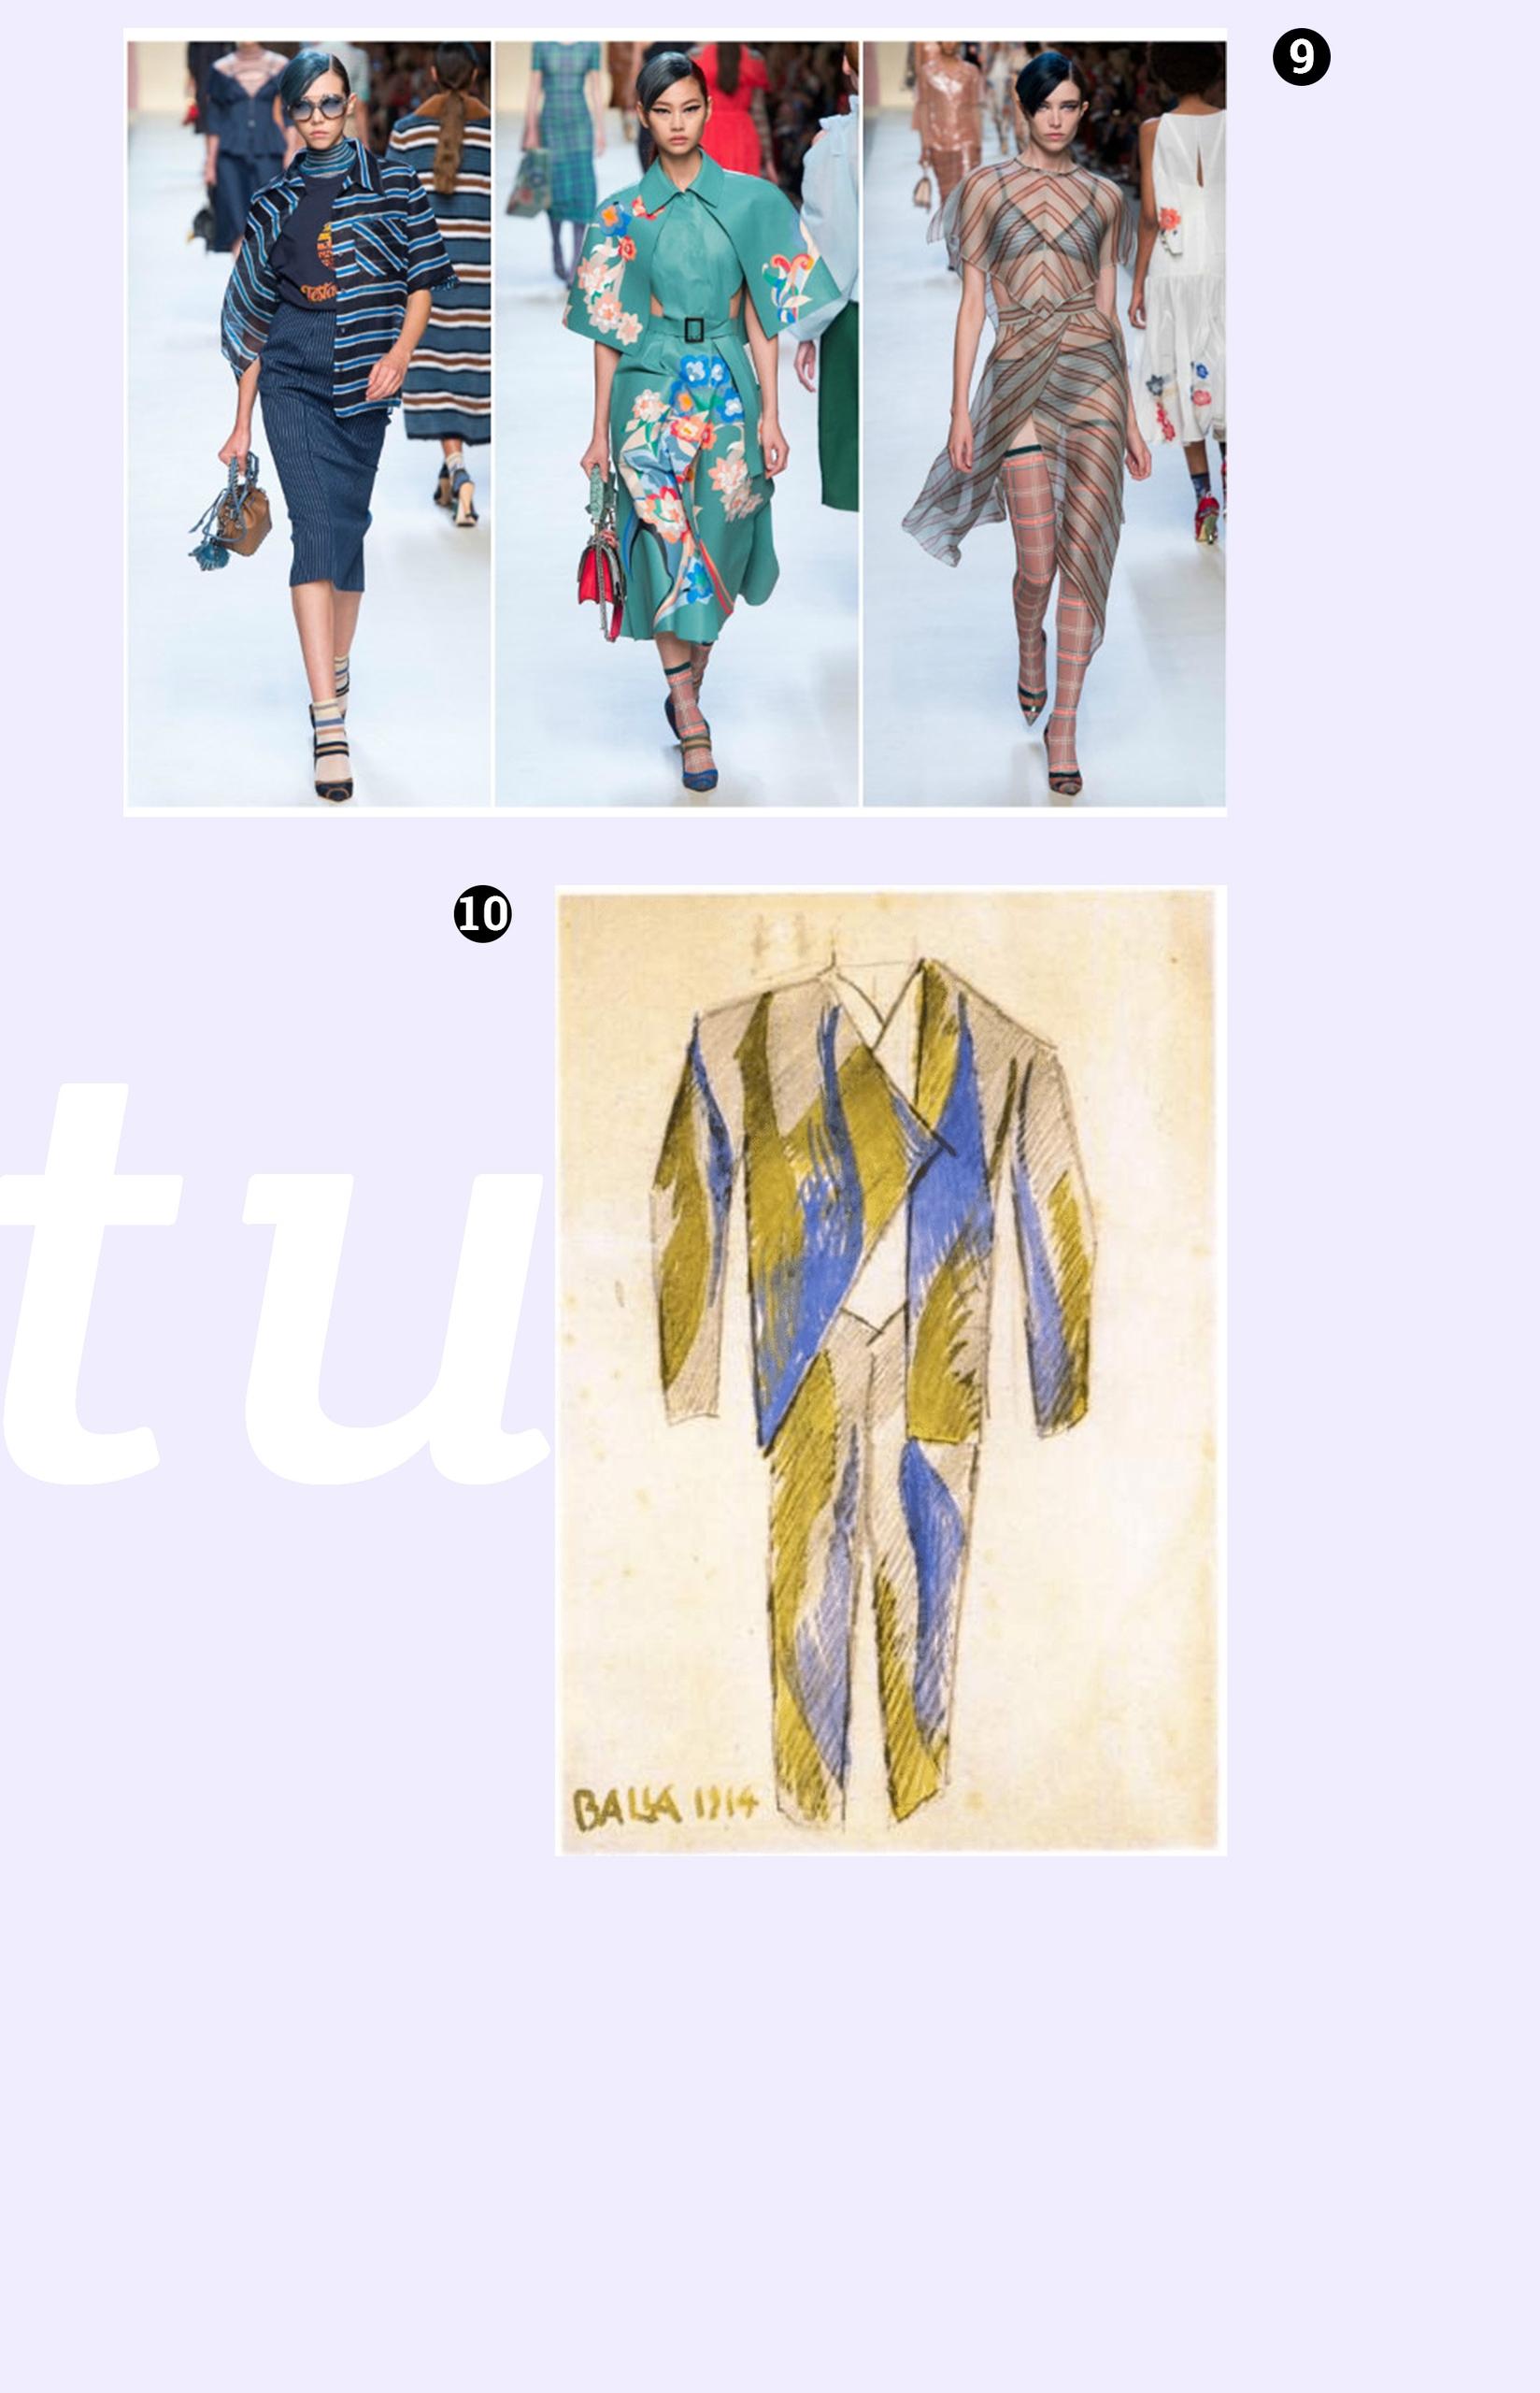 Obraz przedstawia jeden szkic kostiumu i fotografię z pokazu mody. Całość na jasno-fioletowym tle.